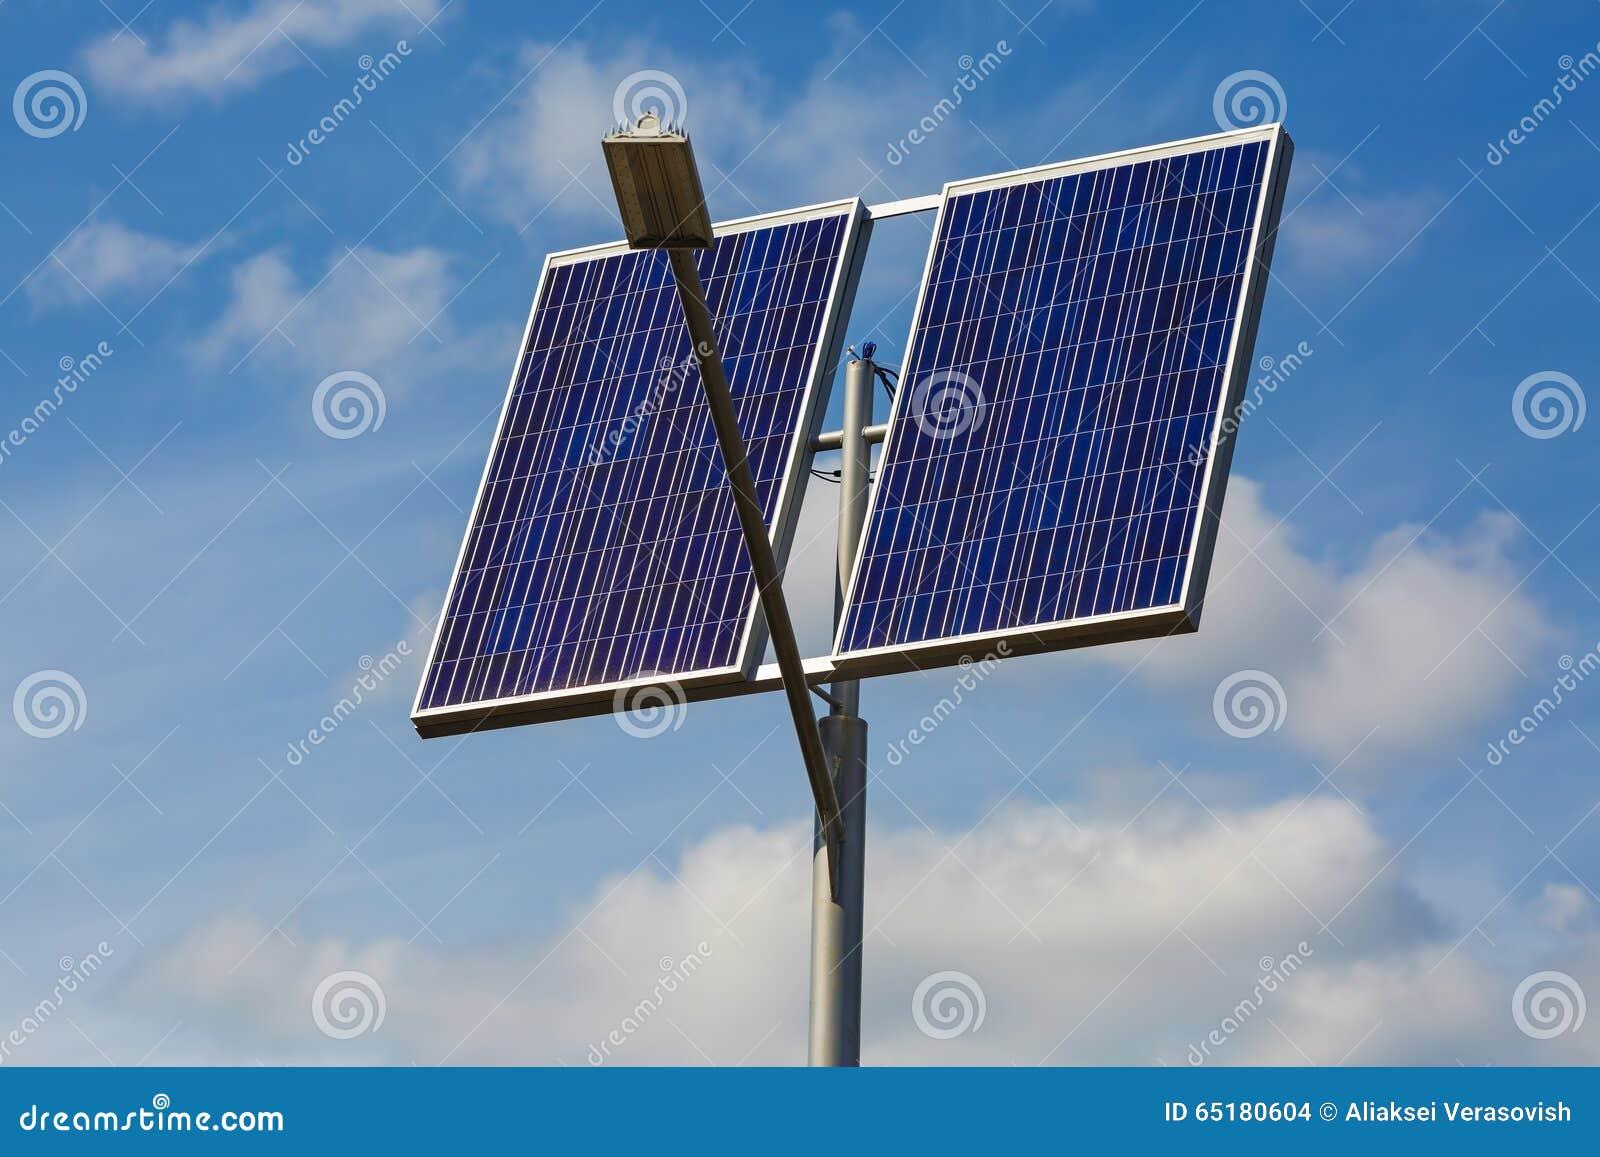 Pali illuminazione con pannello fotovoltaico prezzi: lampione kyro